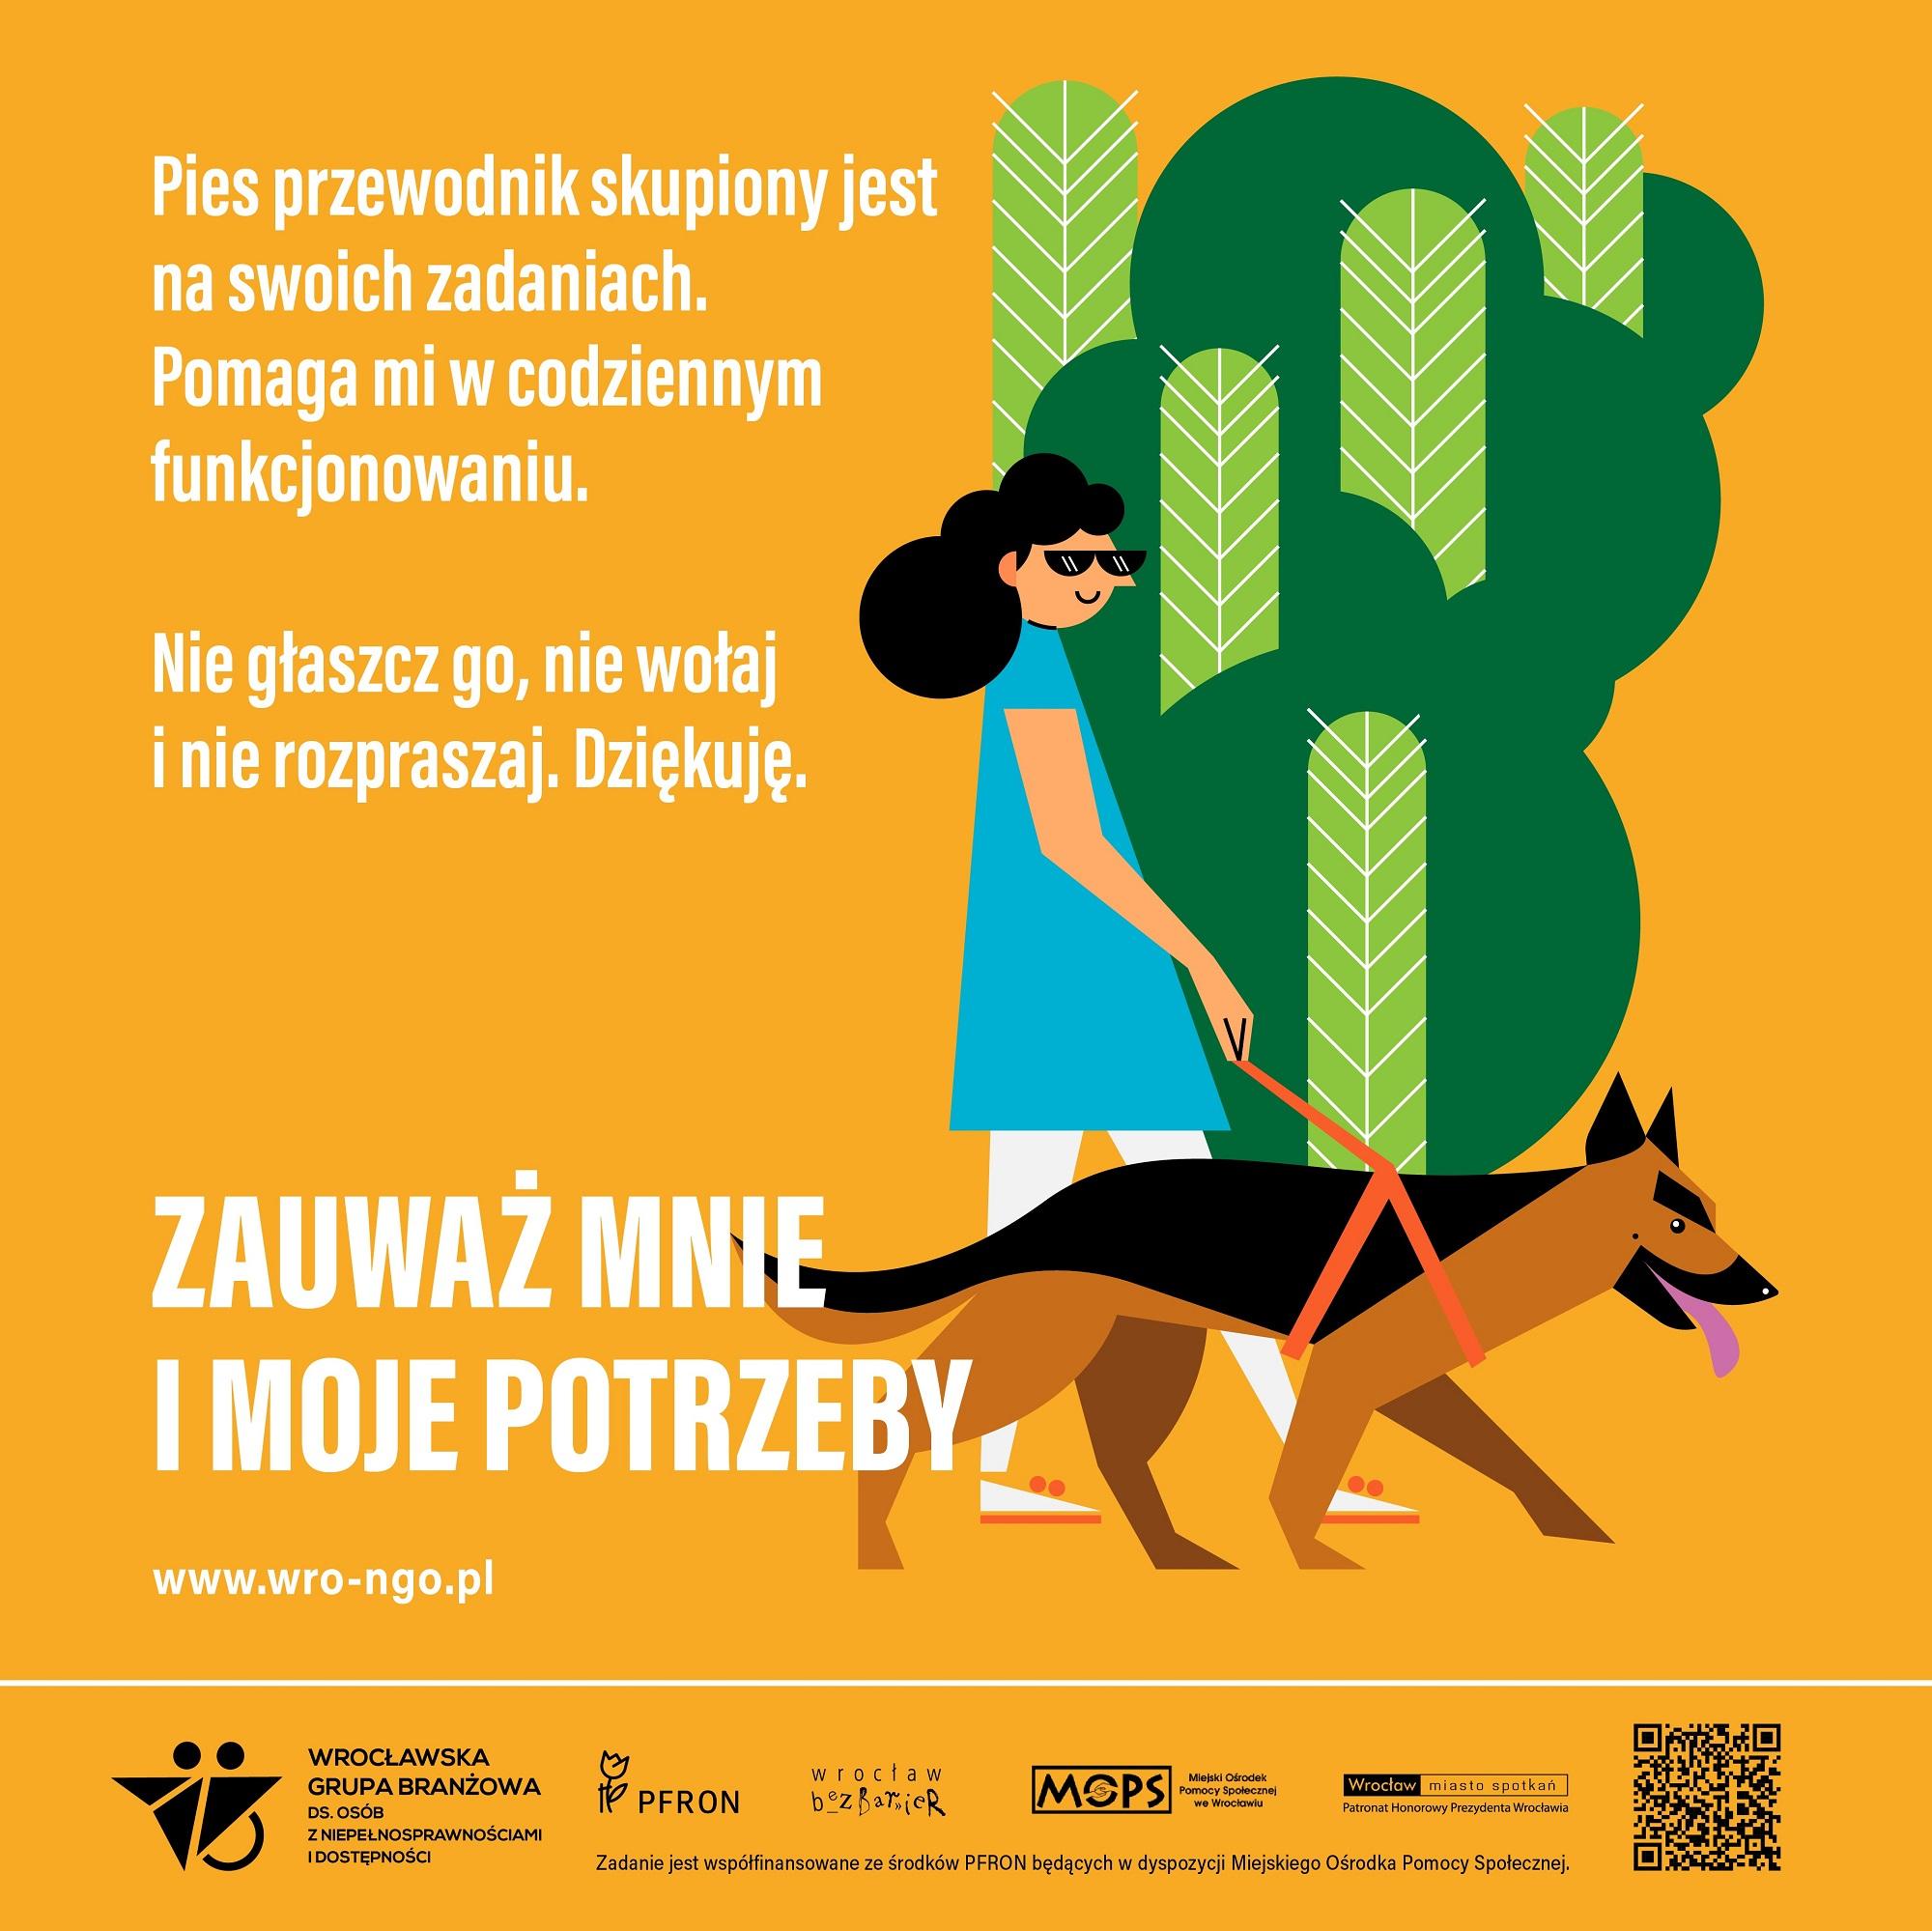 Kolorowa infografika w kształcie kwadratu. Na żółtym tle niewielki park z zielonymi drzewami, przed nim, na pierwszym planie spaceruje młoda niewidoma kobieta. Ma czarne włosy, niebieską sukienkę i białe spodnie. Na nosie ciemne okulary. Obok niej idzie duży pies przewodnik w typie owczarka niemieckiego i charakterystycznej uprzęży. Po lewej stronie napis: Pies przewodnik jest skupiony na swoich zadaniach. Pomaga mi w codziennym funkcjonowaniu. Nie głaszcz go, nie wołaj i nie rozpraszaj. Dziękuję. Poniżej duże hasło kampanii: Zauważ mnie i moje potrzeby. Pod nim adres strony internetowej www.wro-ngo.pl. U dołu belka z logotypami organizacji i instytucji zaangażowanych w opracowanie kampanii. Pod nią drobnymi literami: Zadanie jest współfinansowane ze środków PFRON będących w dyspozycji Miejskiego Ośrodka Pomocy Społecznej.